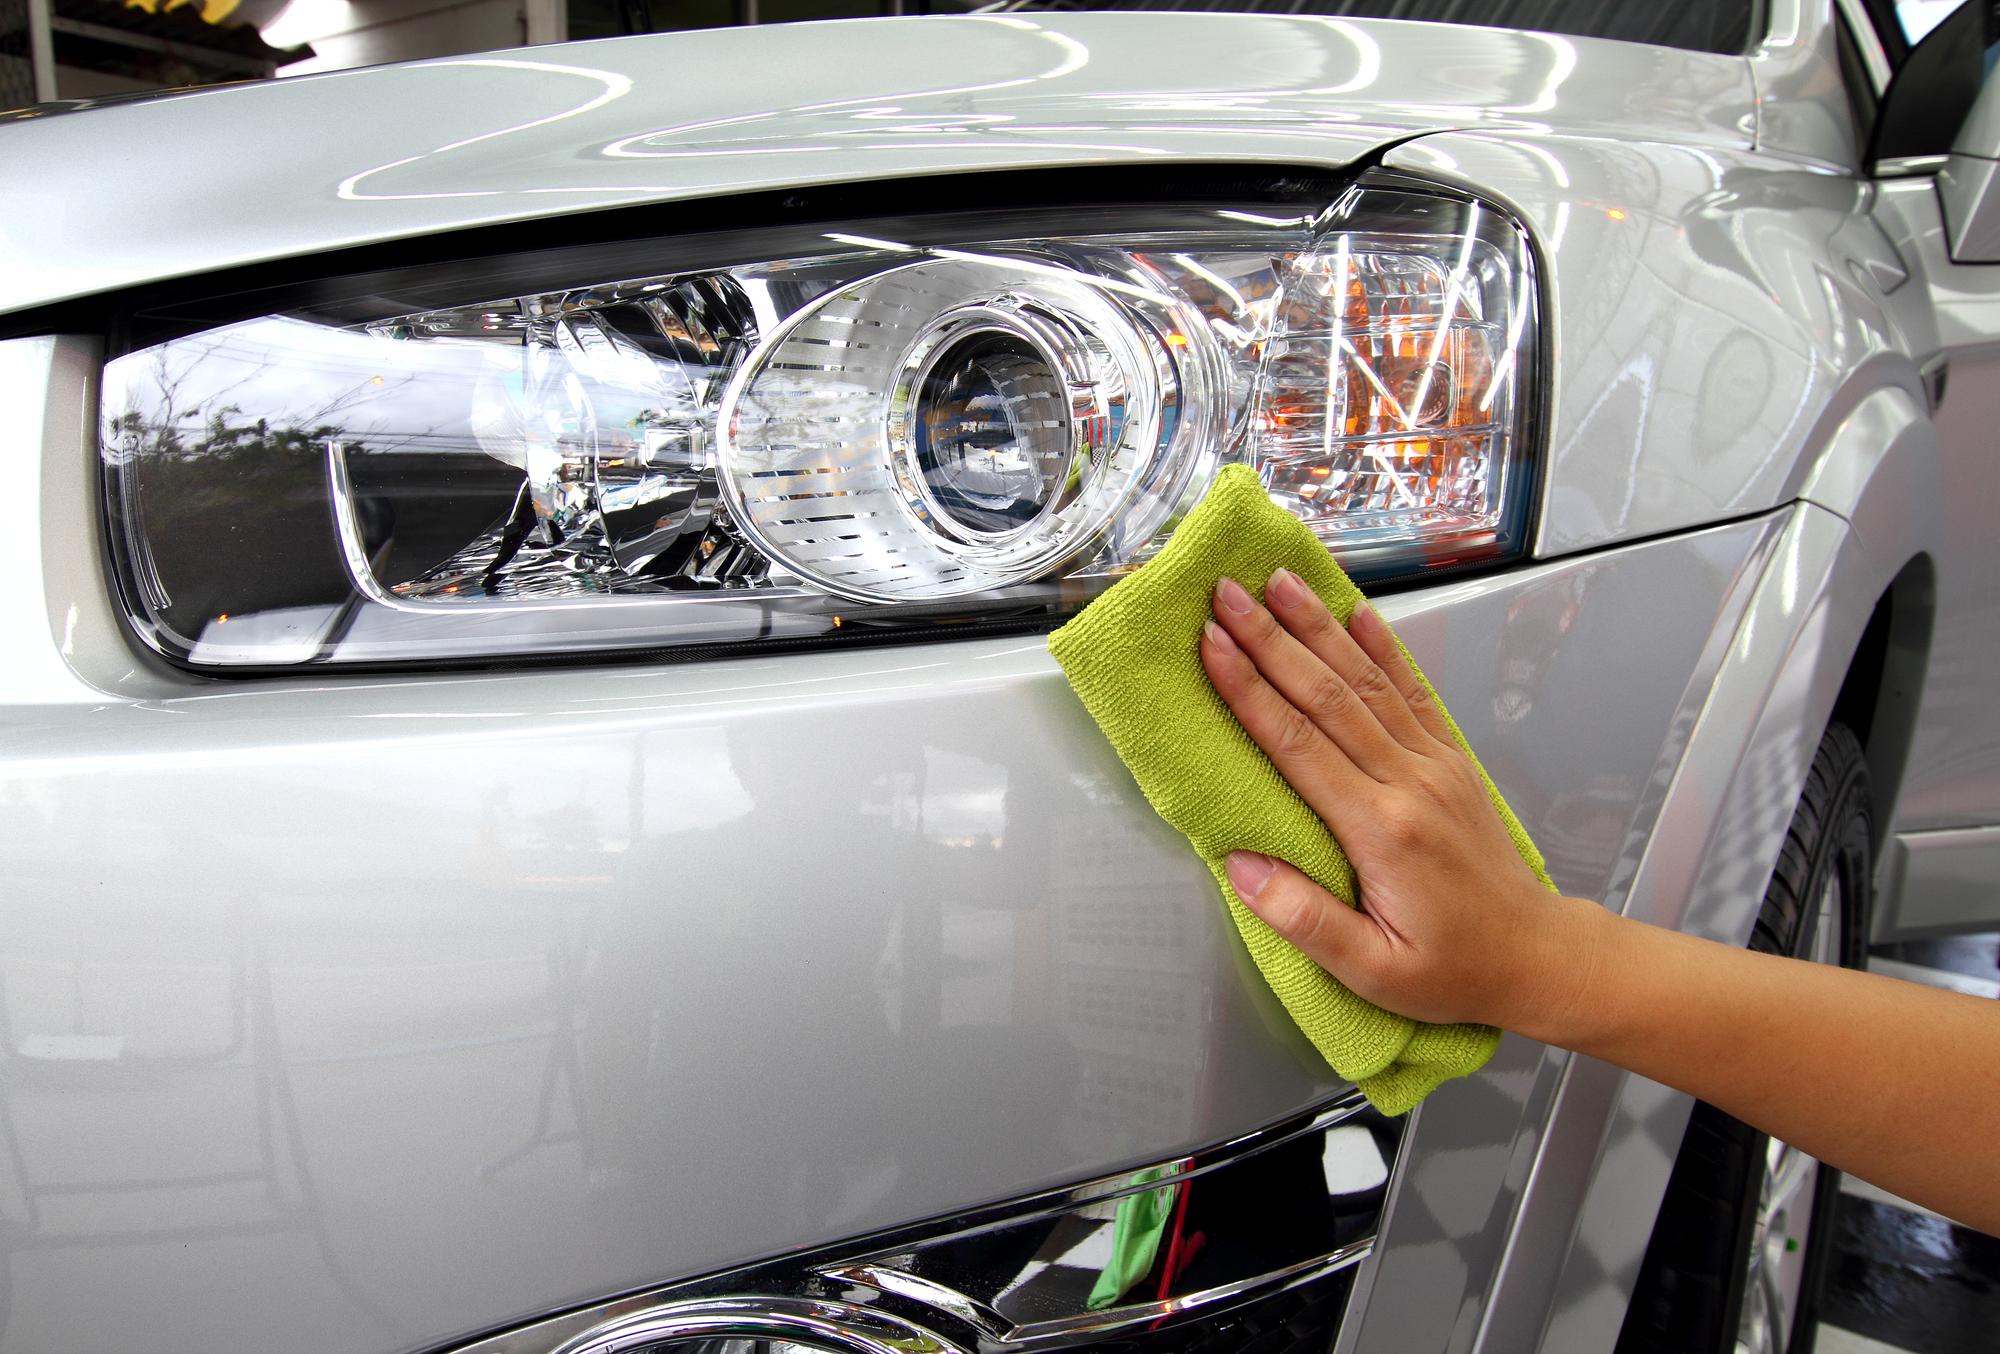 Mitos e verdades sobre limpeza de carro